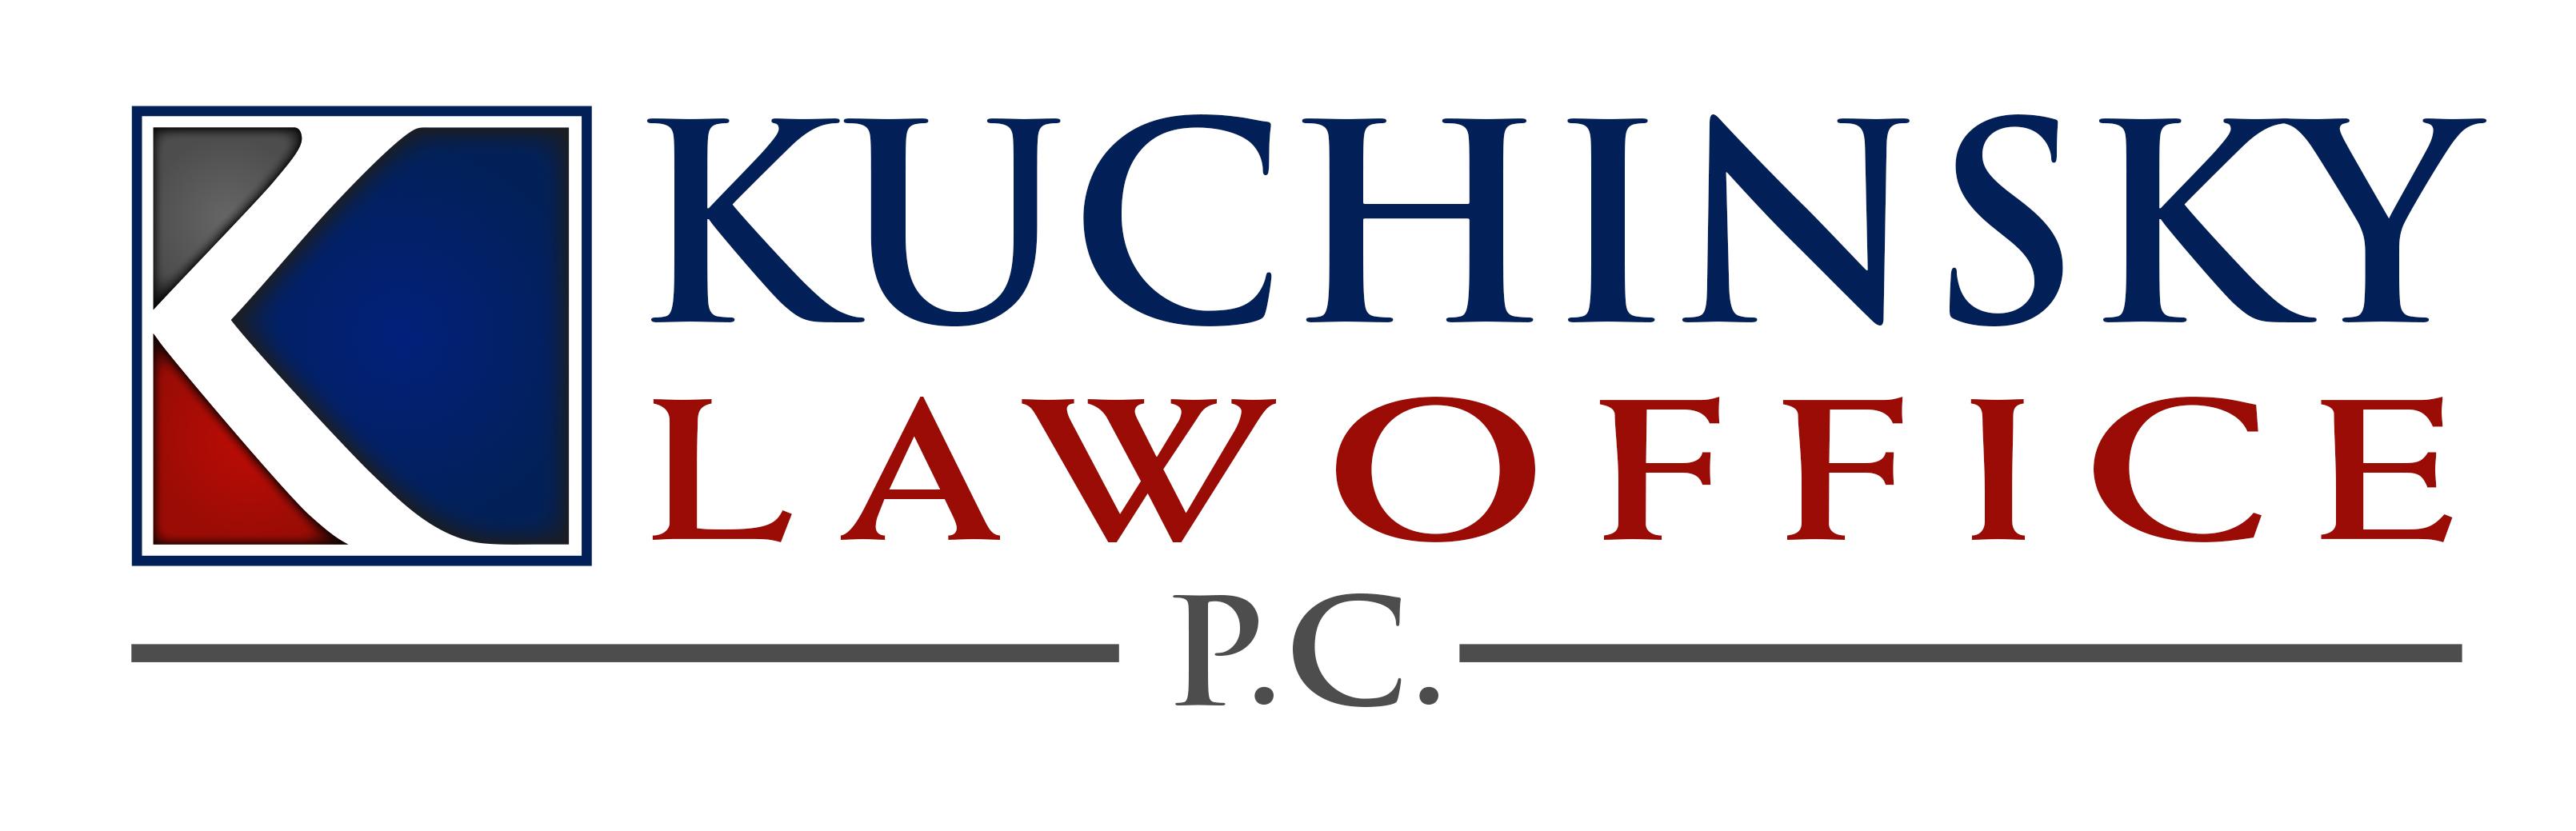 Kuchinsky Law Office